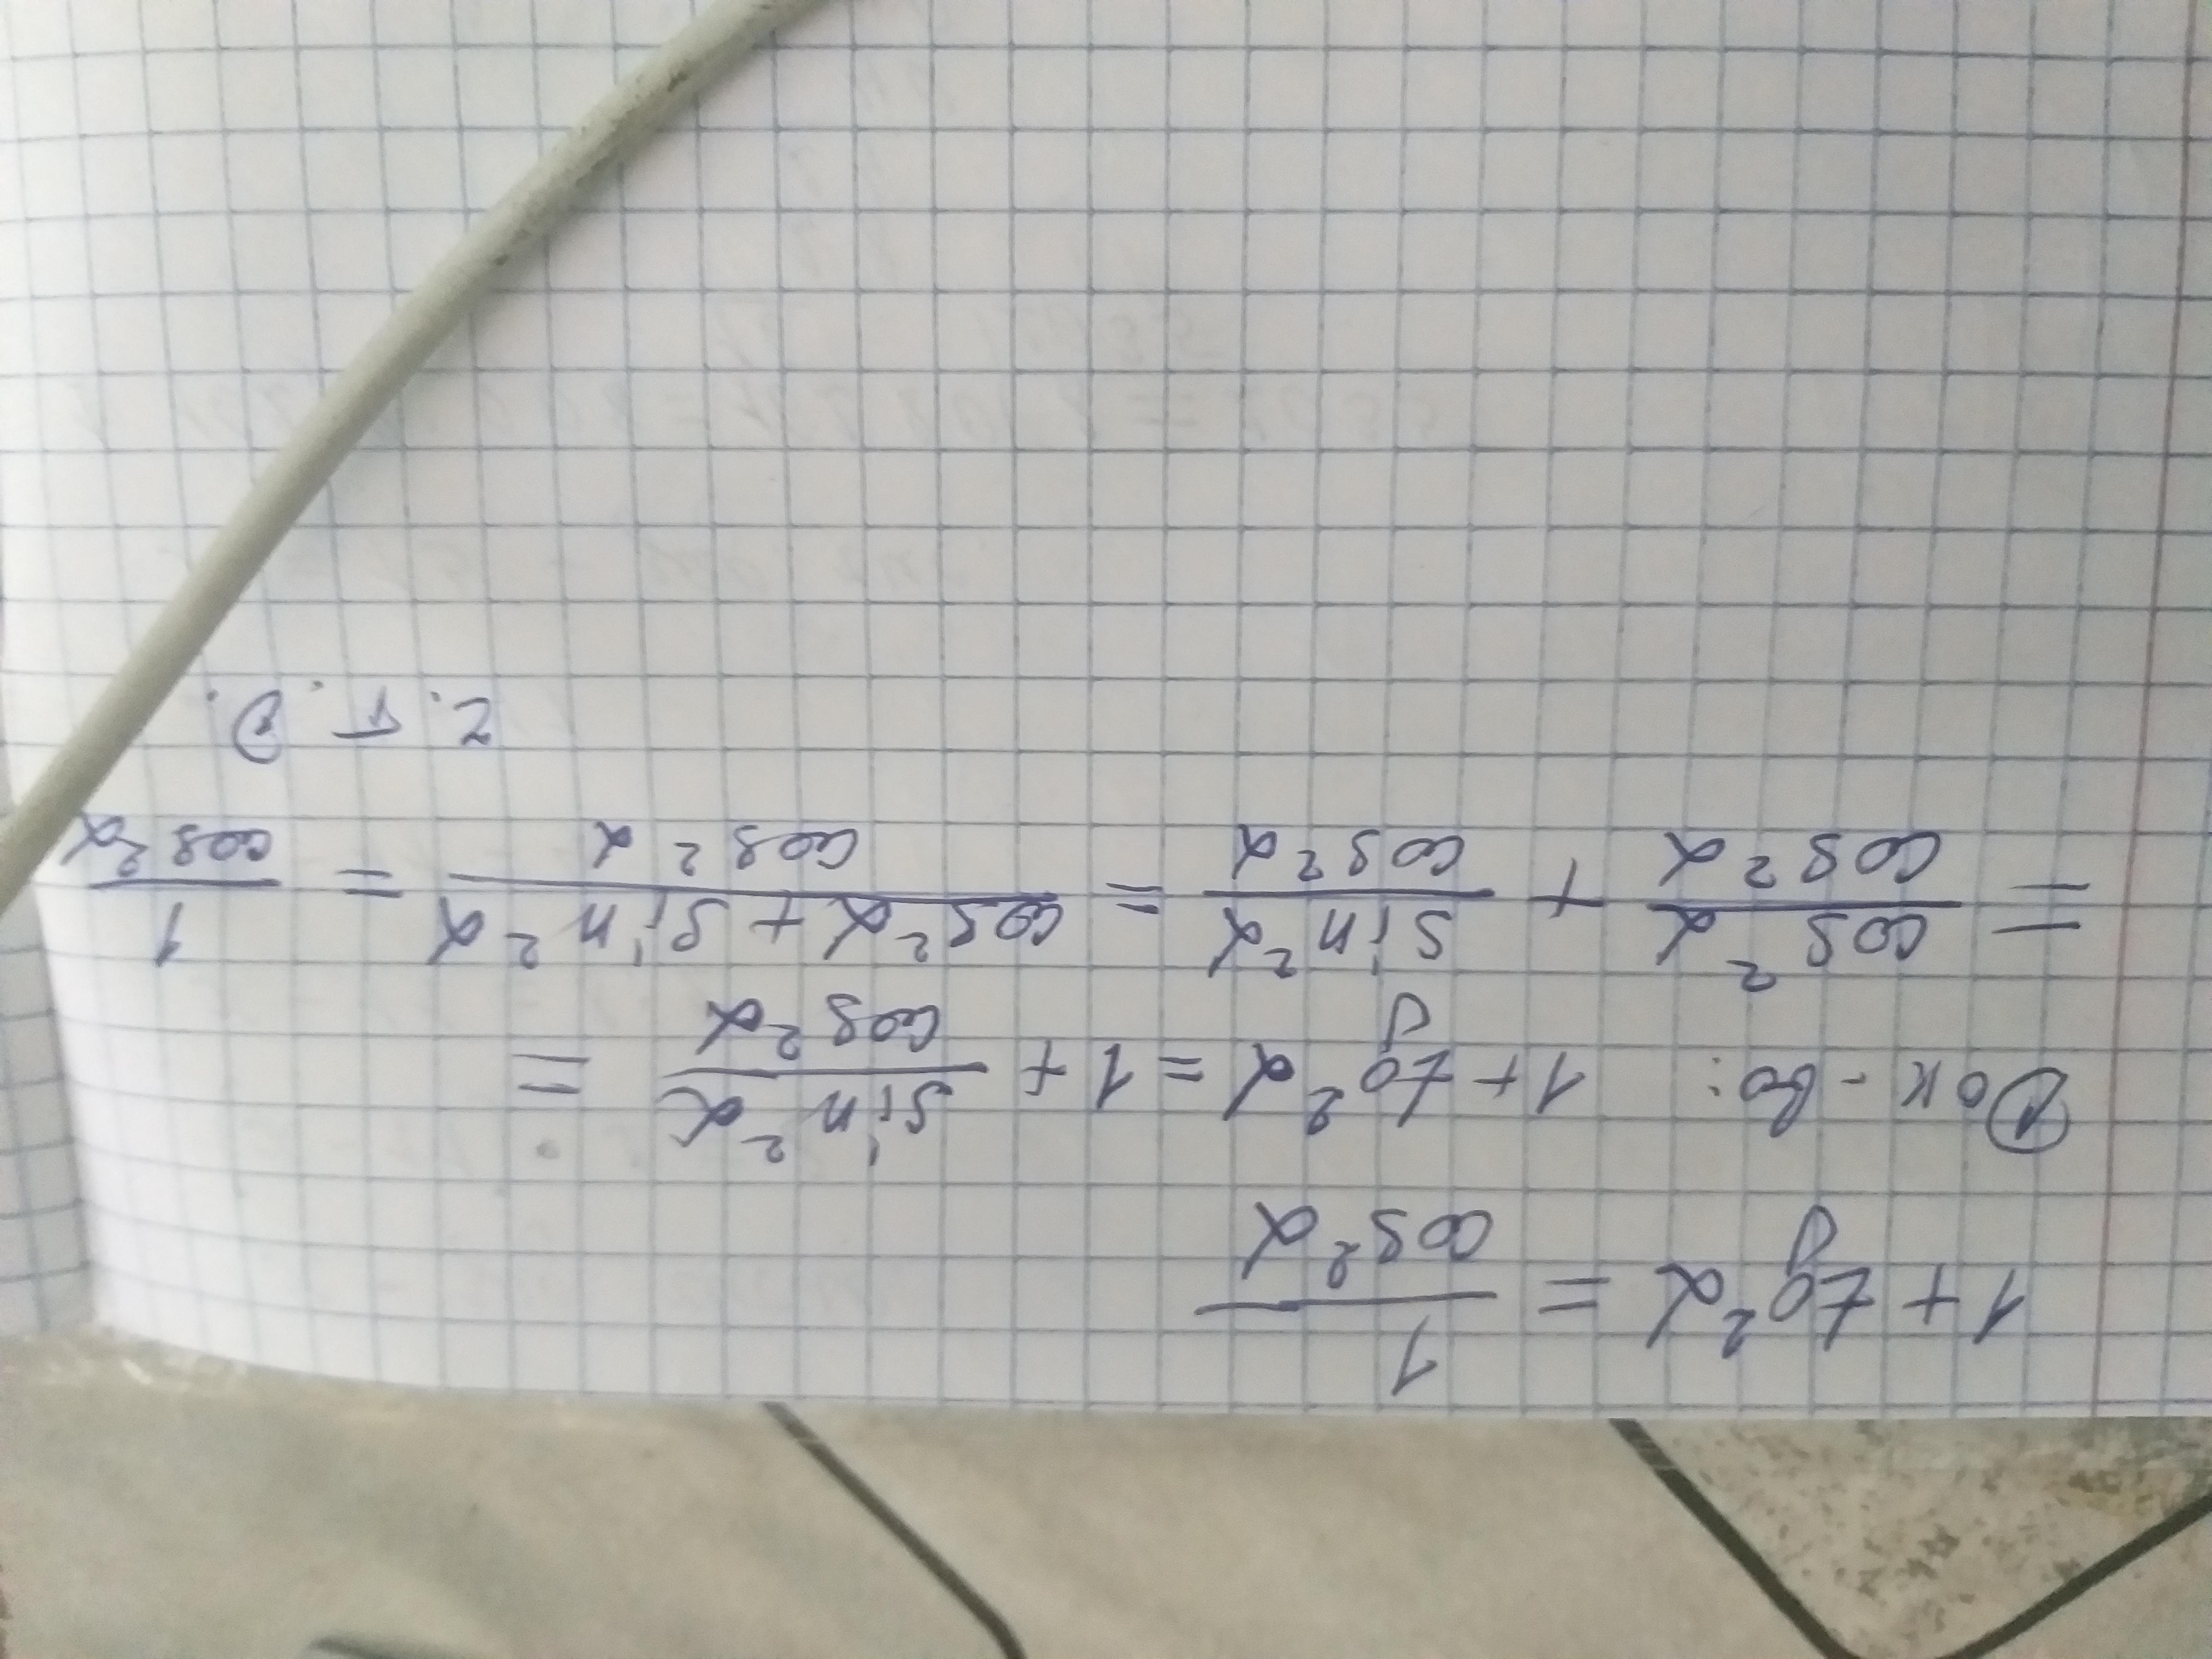 1+tg^2a=1/coa^2a доказать тождество